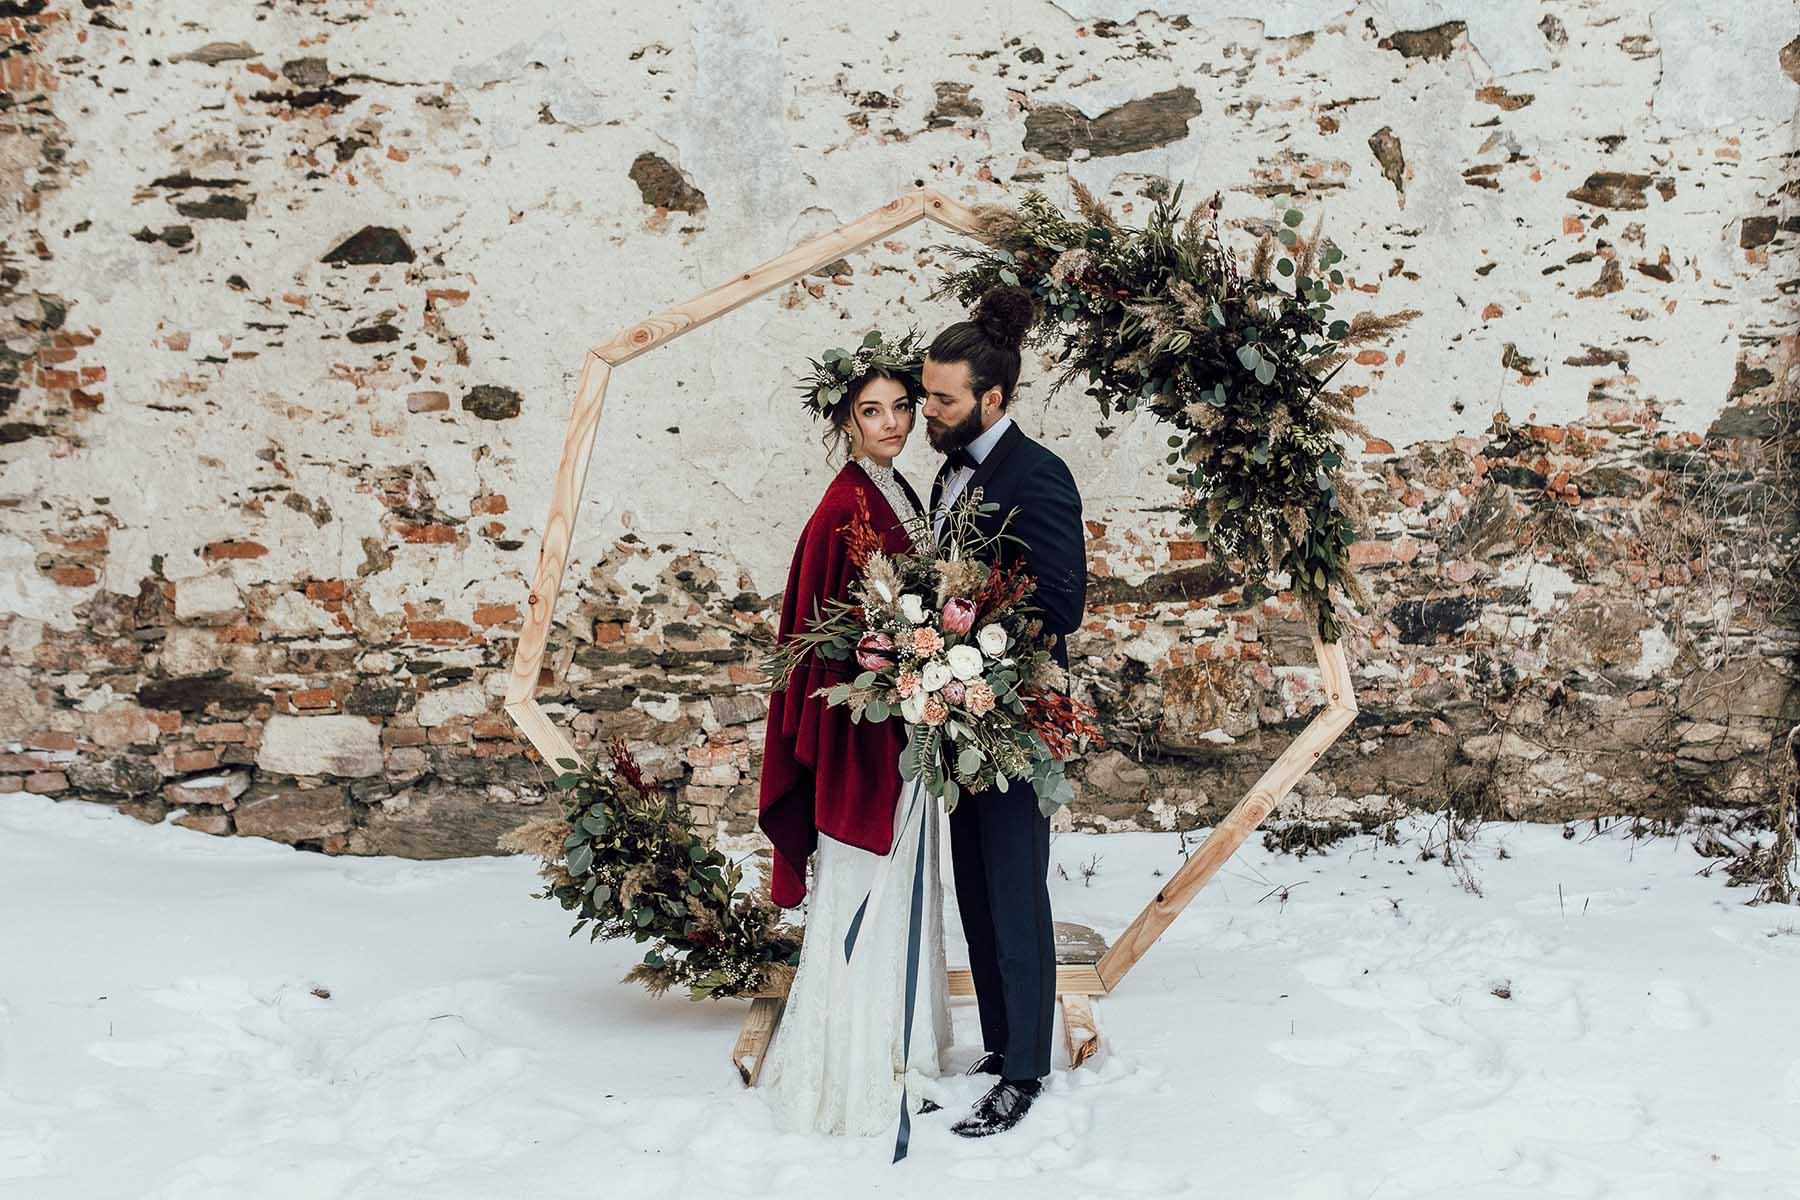 Boho trifft nostalgische Eleganz: Eine magische Winterhochzeit